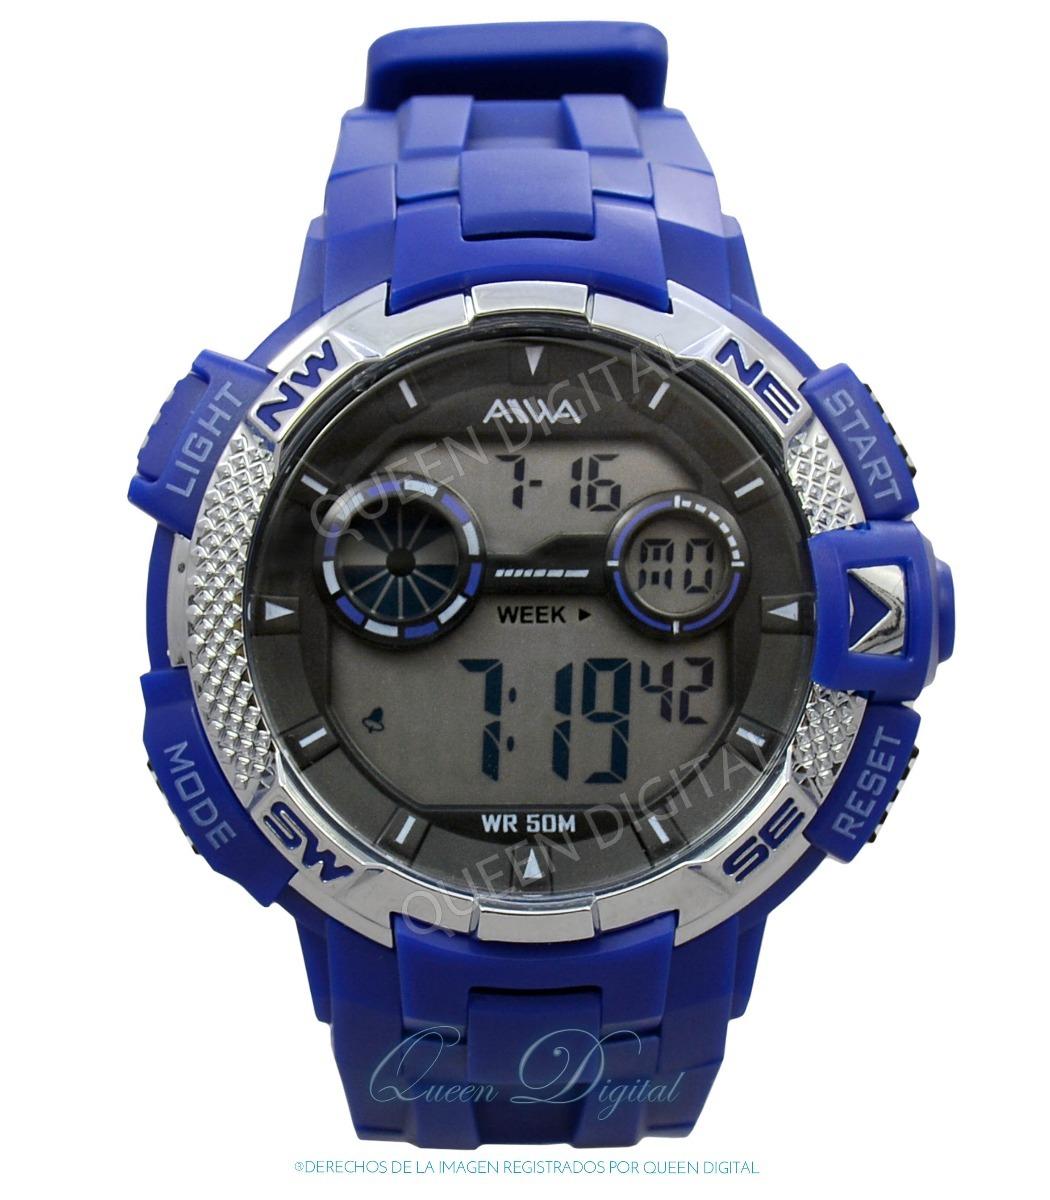 55829a007aa6 reloj hombre deportivo sumergible 50mt crono alarma luz aiwa. Cargando zoom.